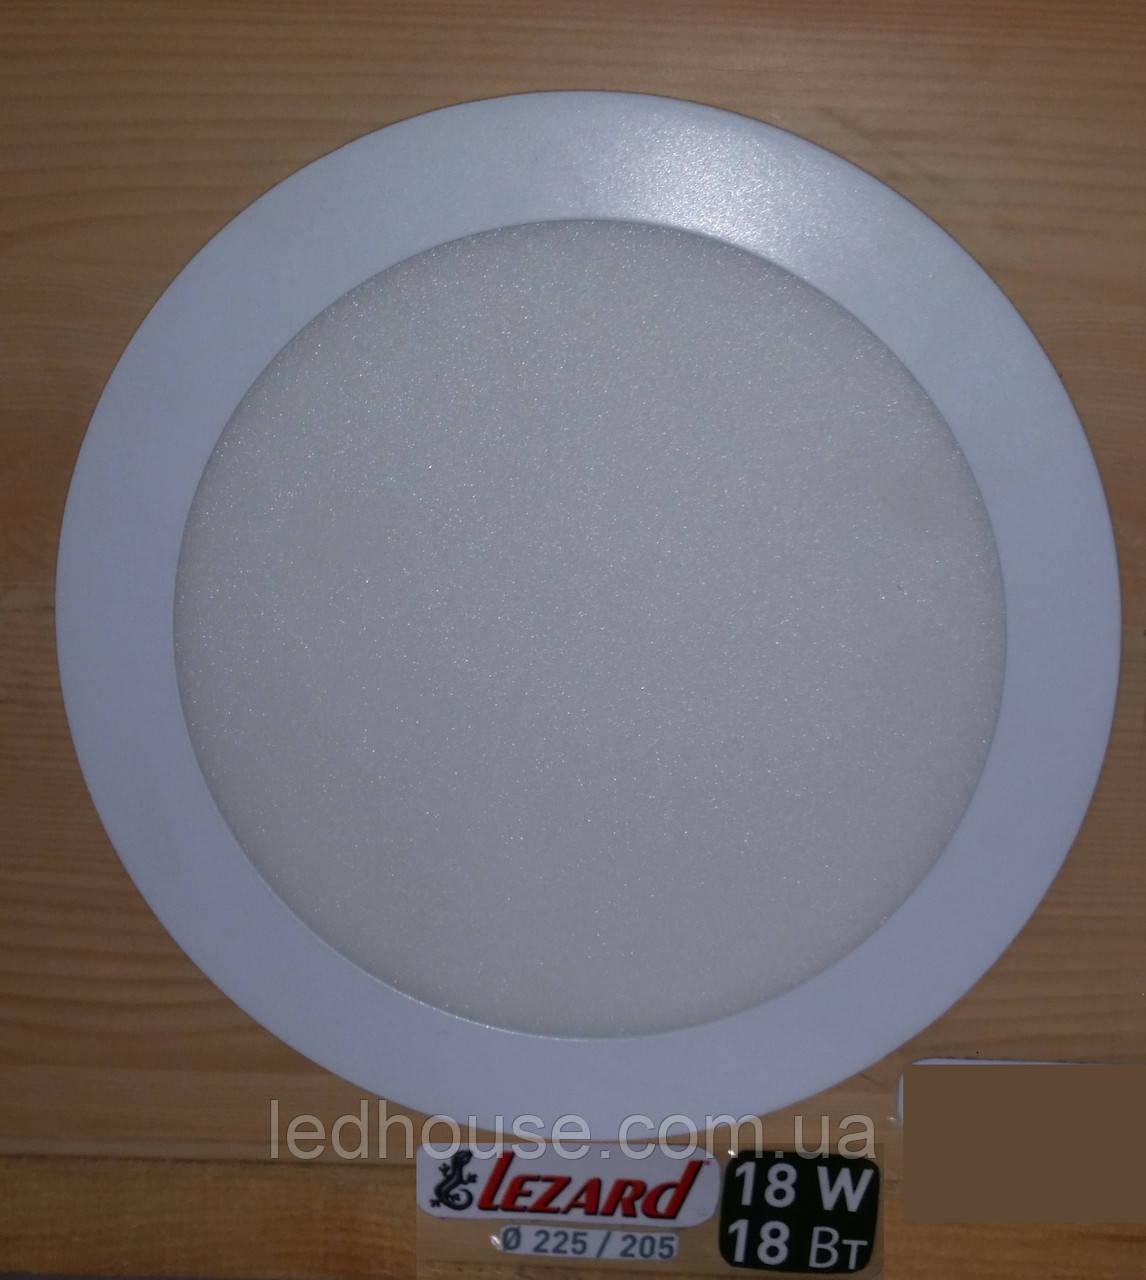 Светодиодная панель круглая-18Вт (Ø225 / Ø205) 4200K, 1440 люмен